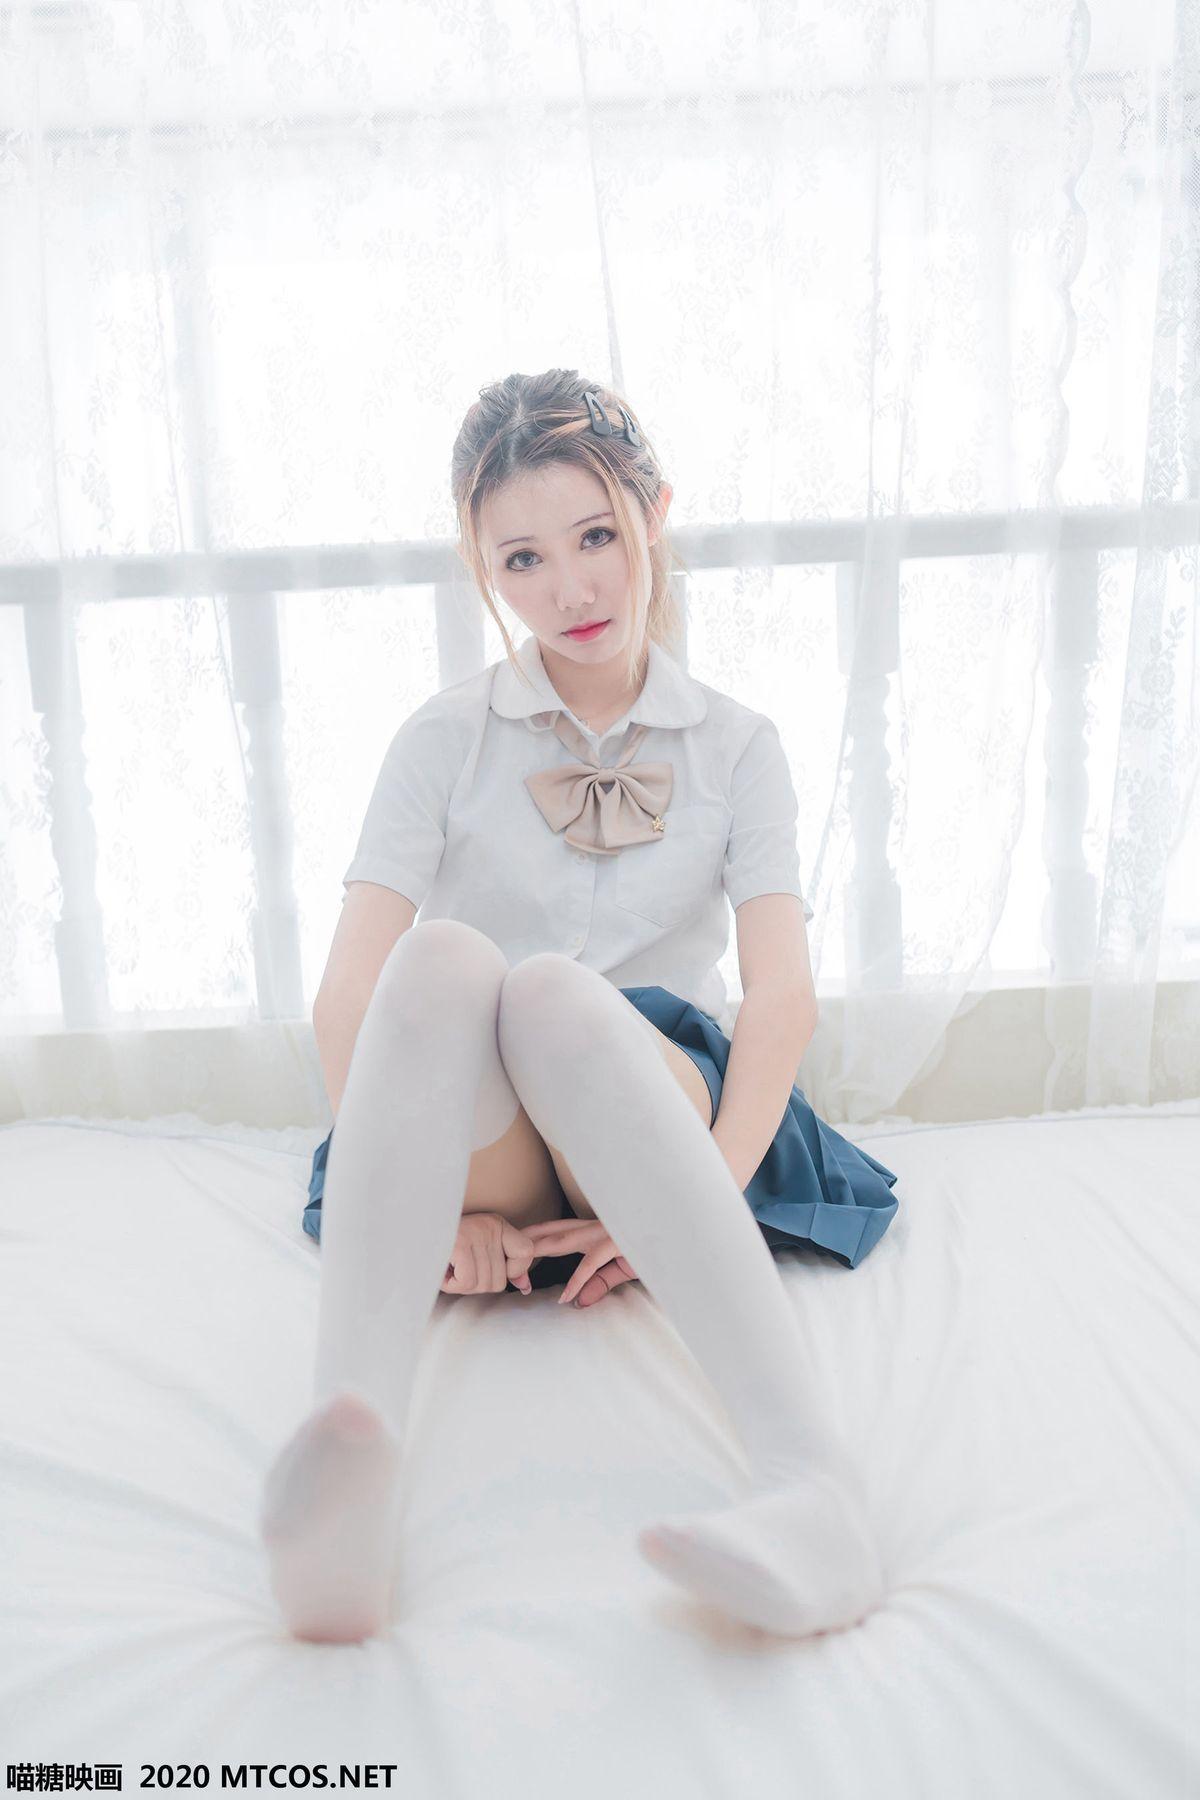 《白丝JK学妹》 [喵糖映画] VOL.121 写真集1